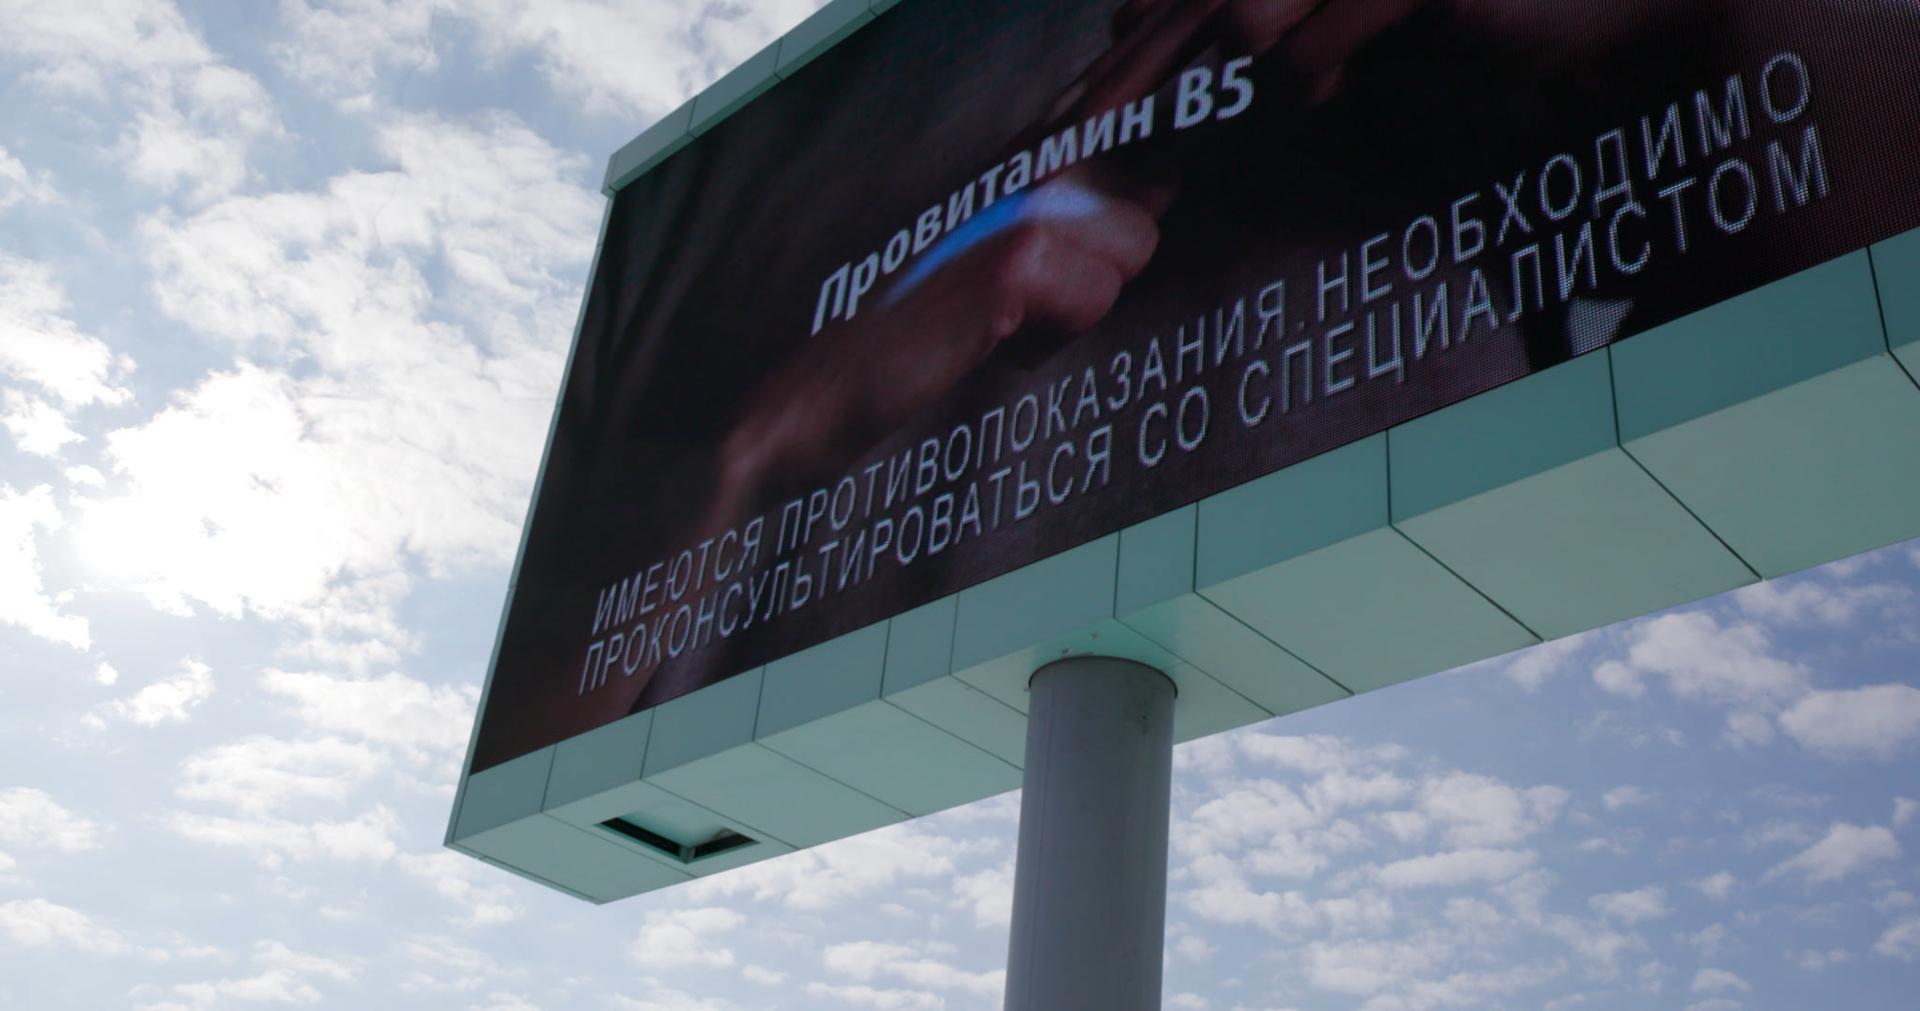 Новосибирск – первый город в РФ, где установили умные рекламные билборды